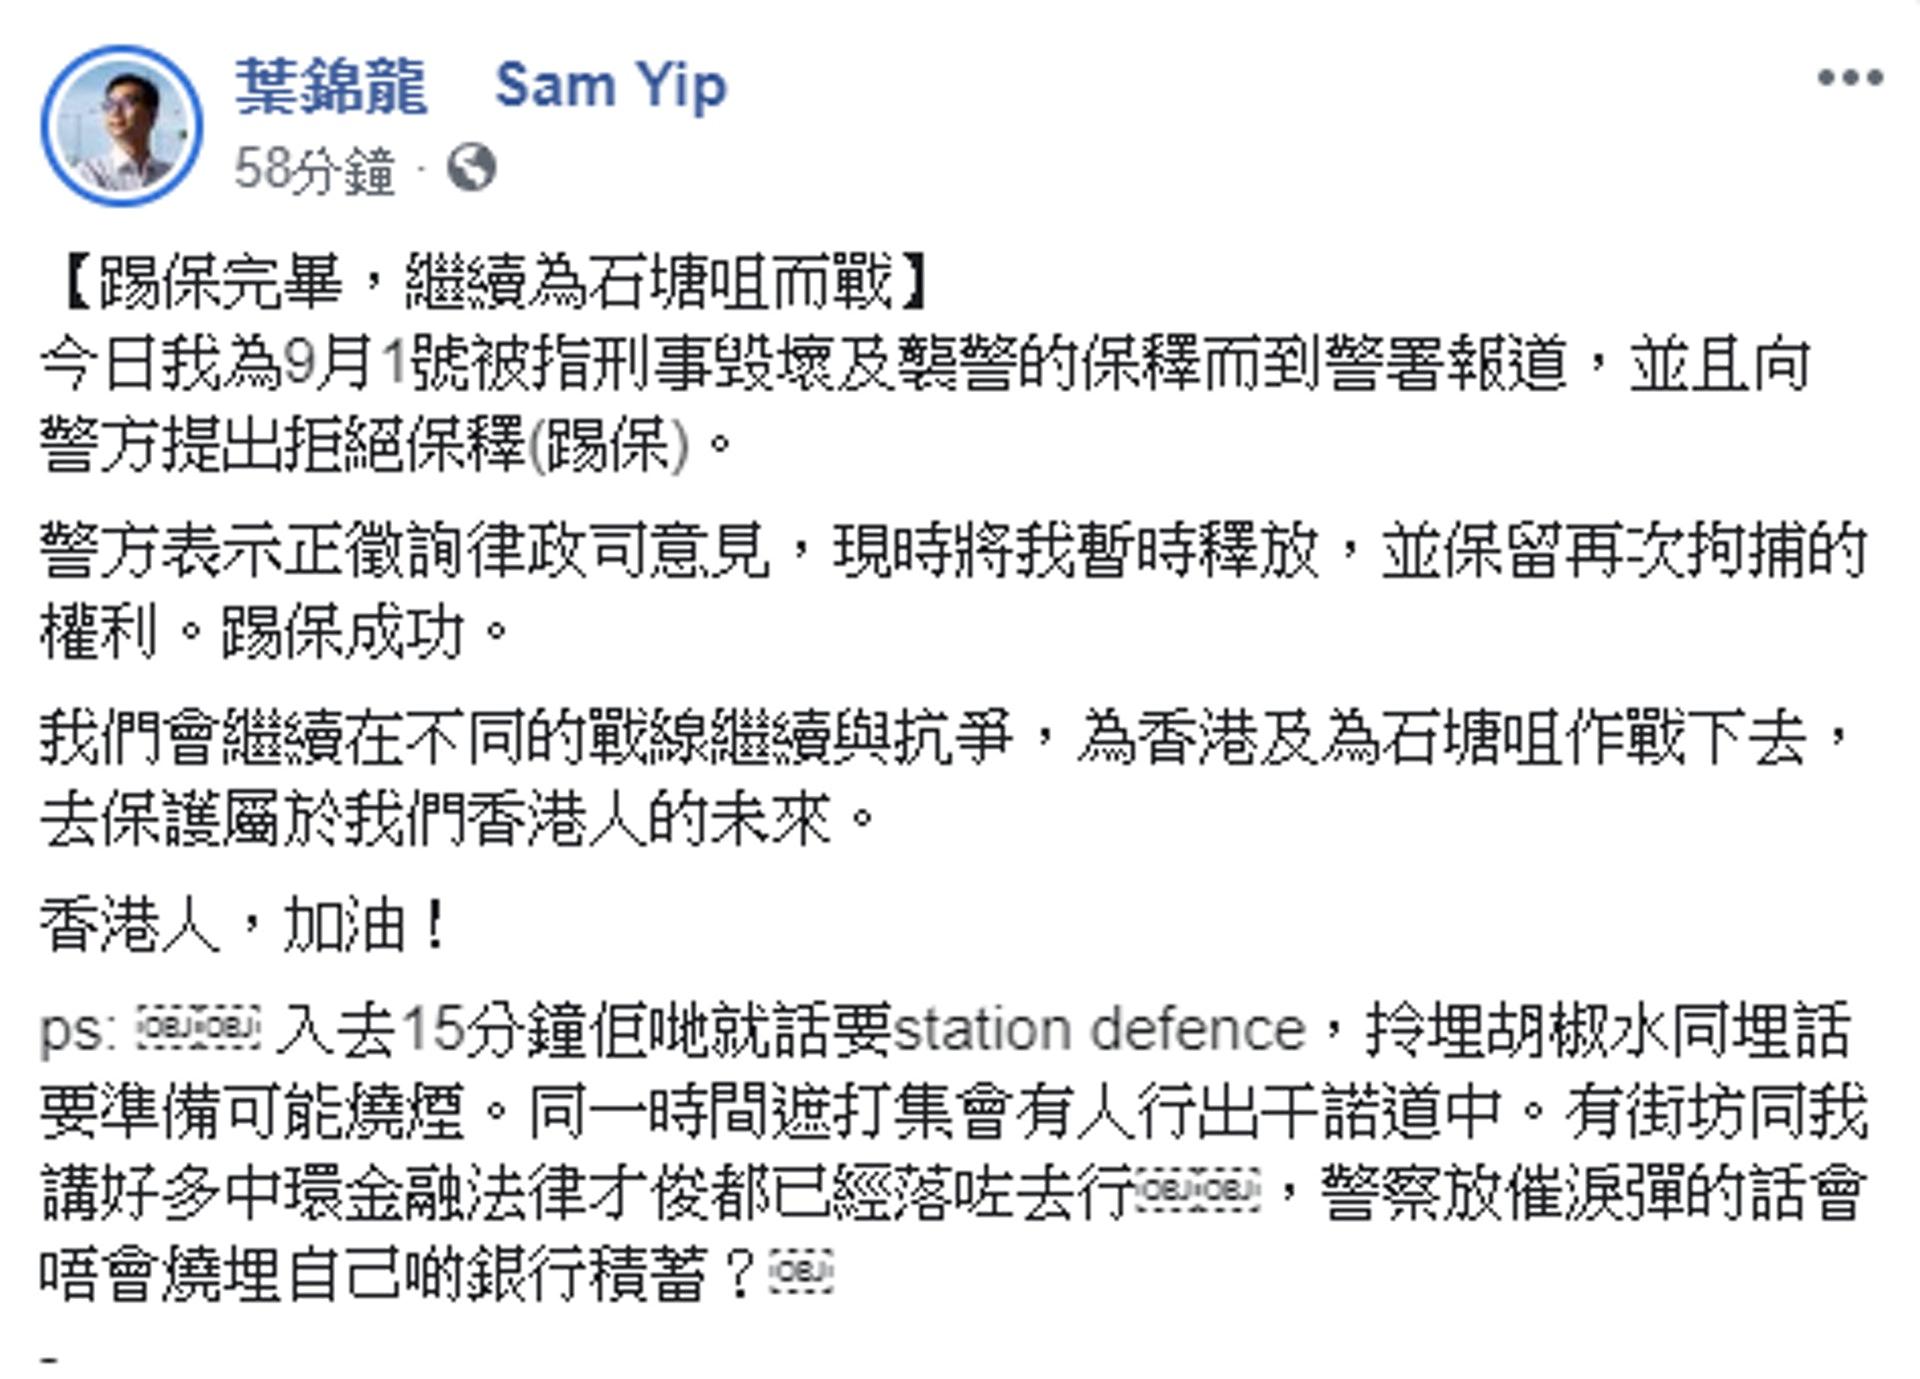 葉錦龍在Facebook中指其踢保成功(資料來源:葉錦龍facebook)